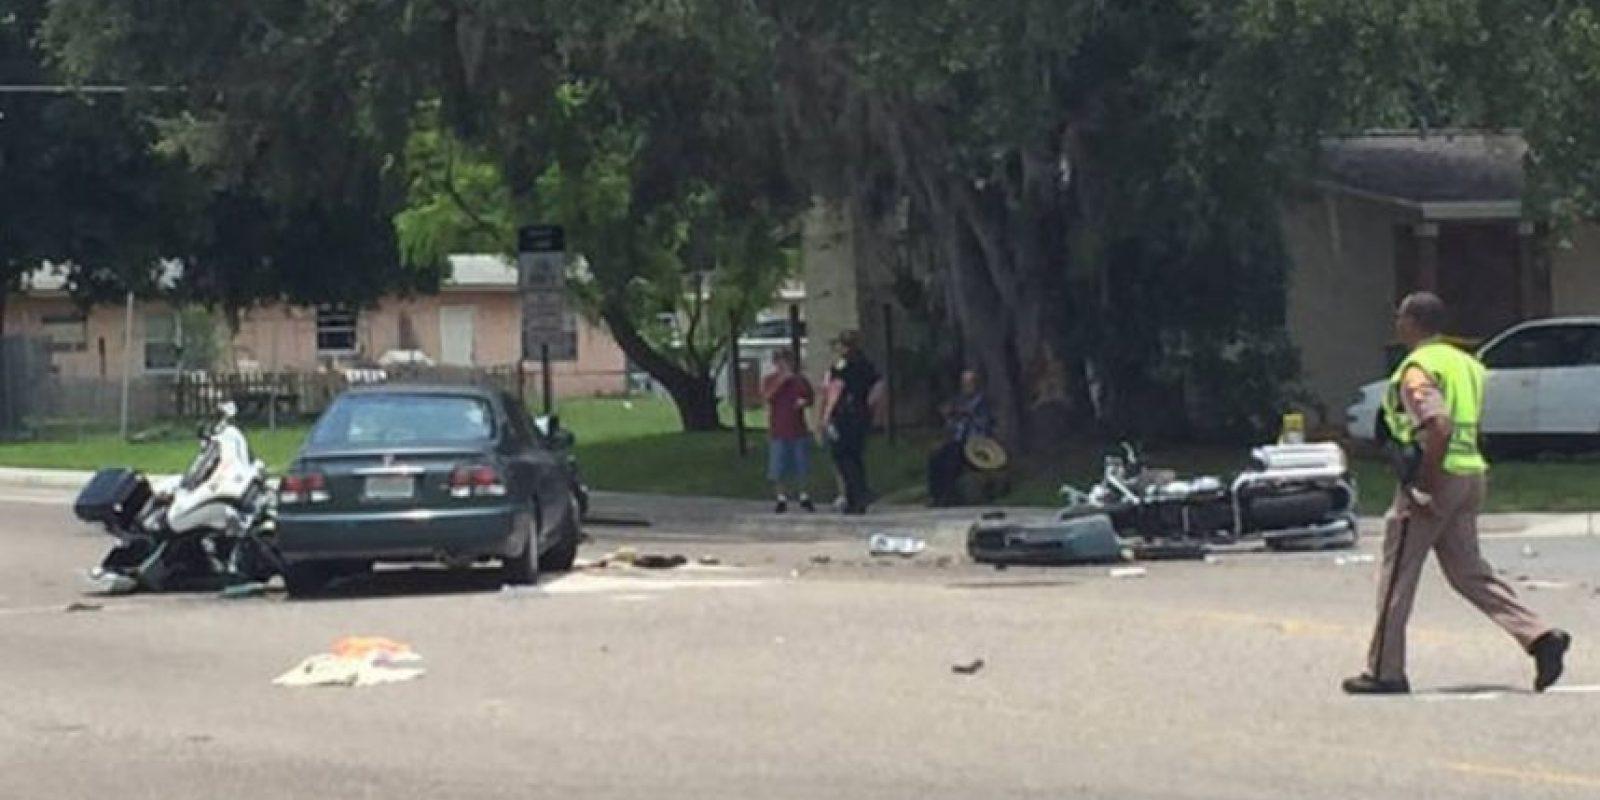 Las primeras imágenes del accidente. Foto:@FsuttonWFTV/Twitter